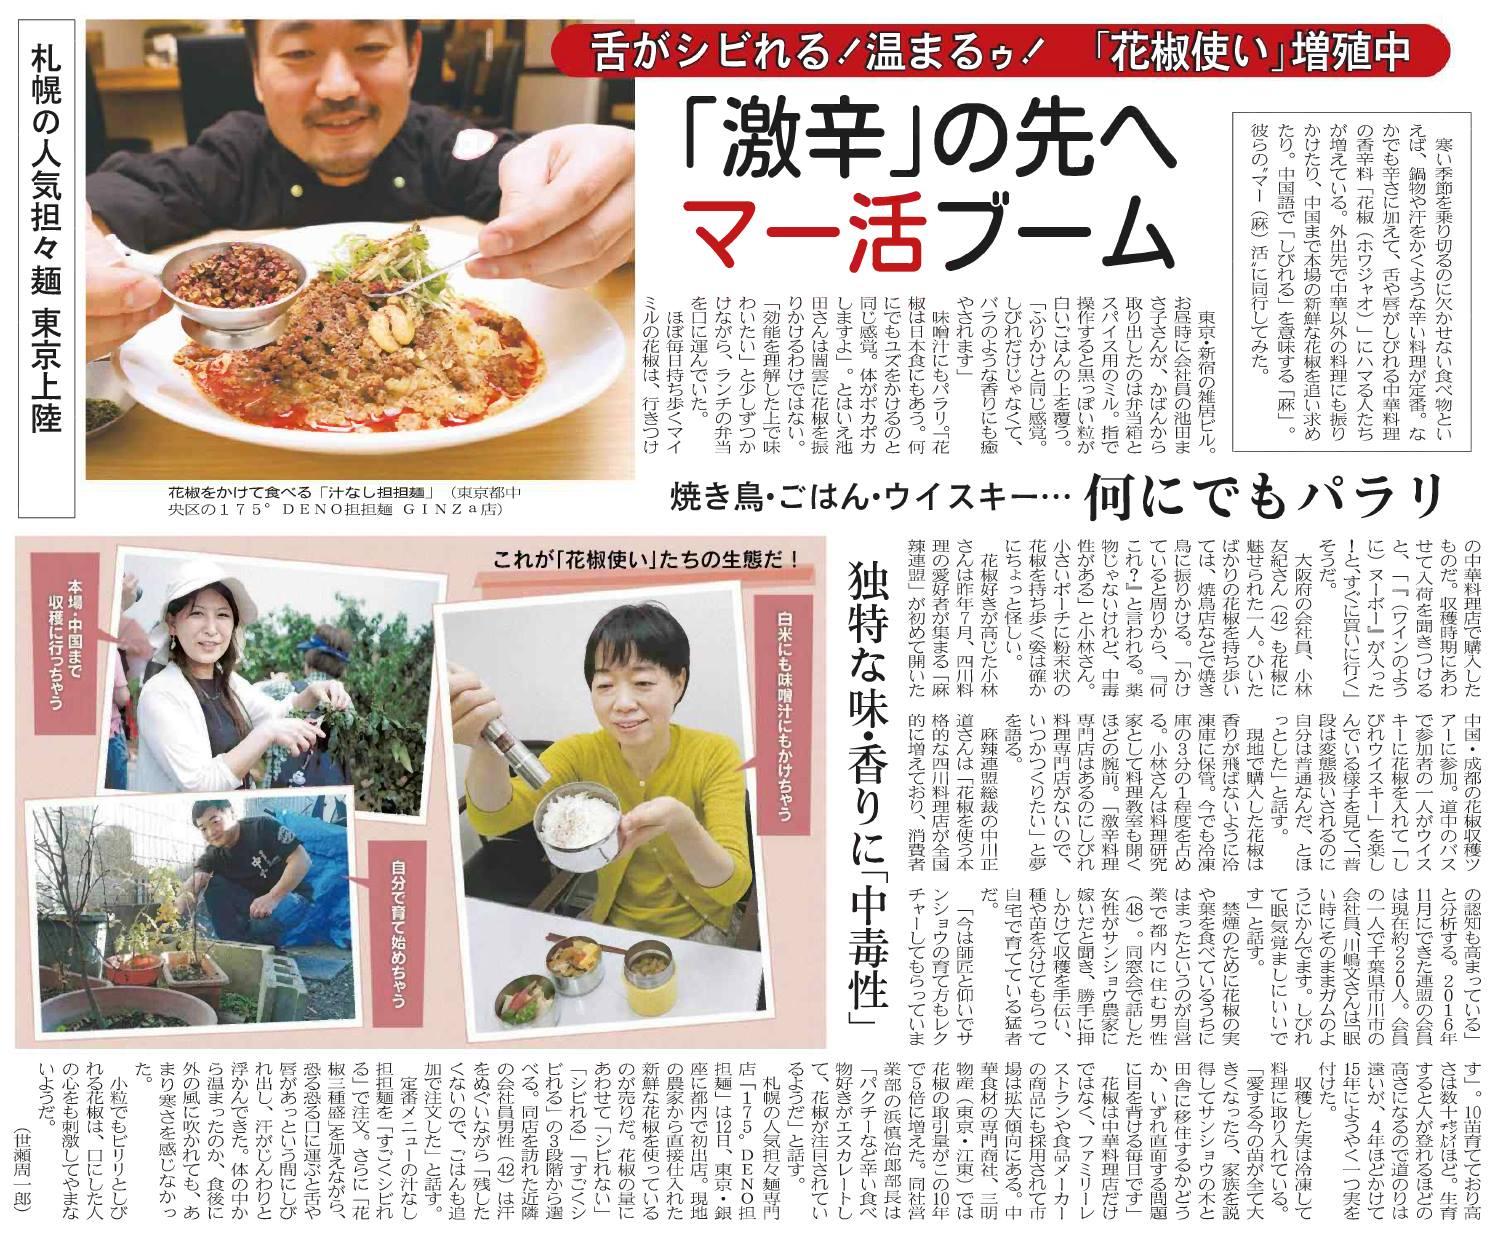 麻辣連盟全面協力を行い、素晴らしい記事にしていただきました!ありがとうございます!